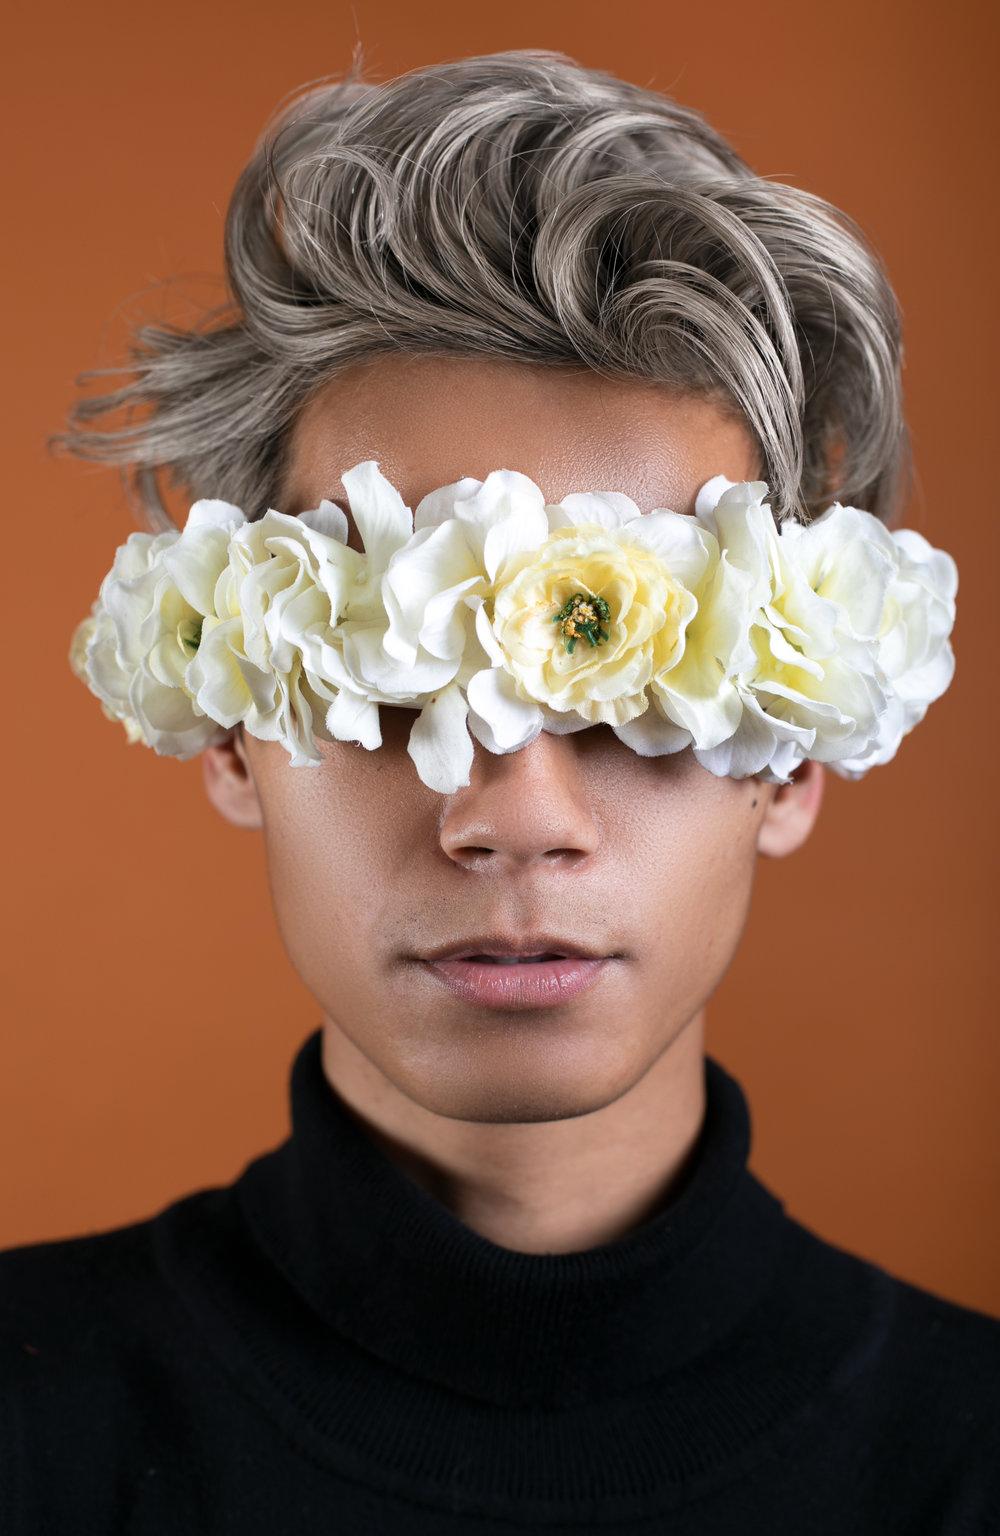 Floral_Cyclops.jpg